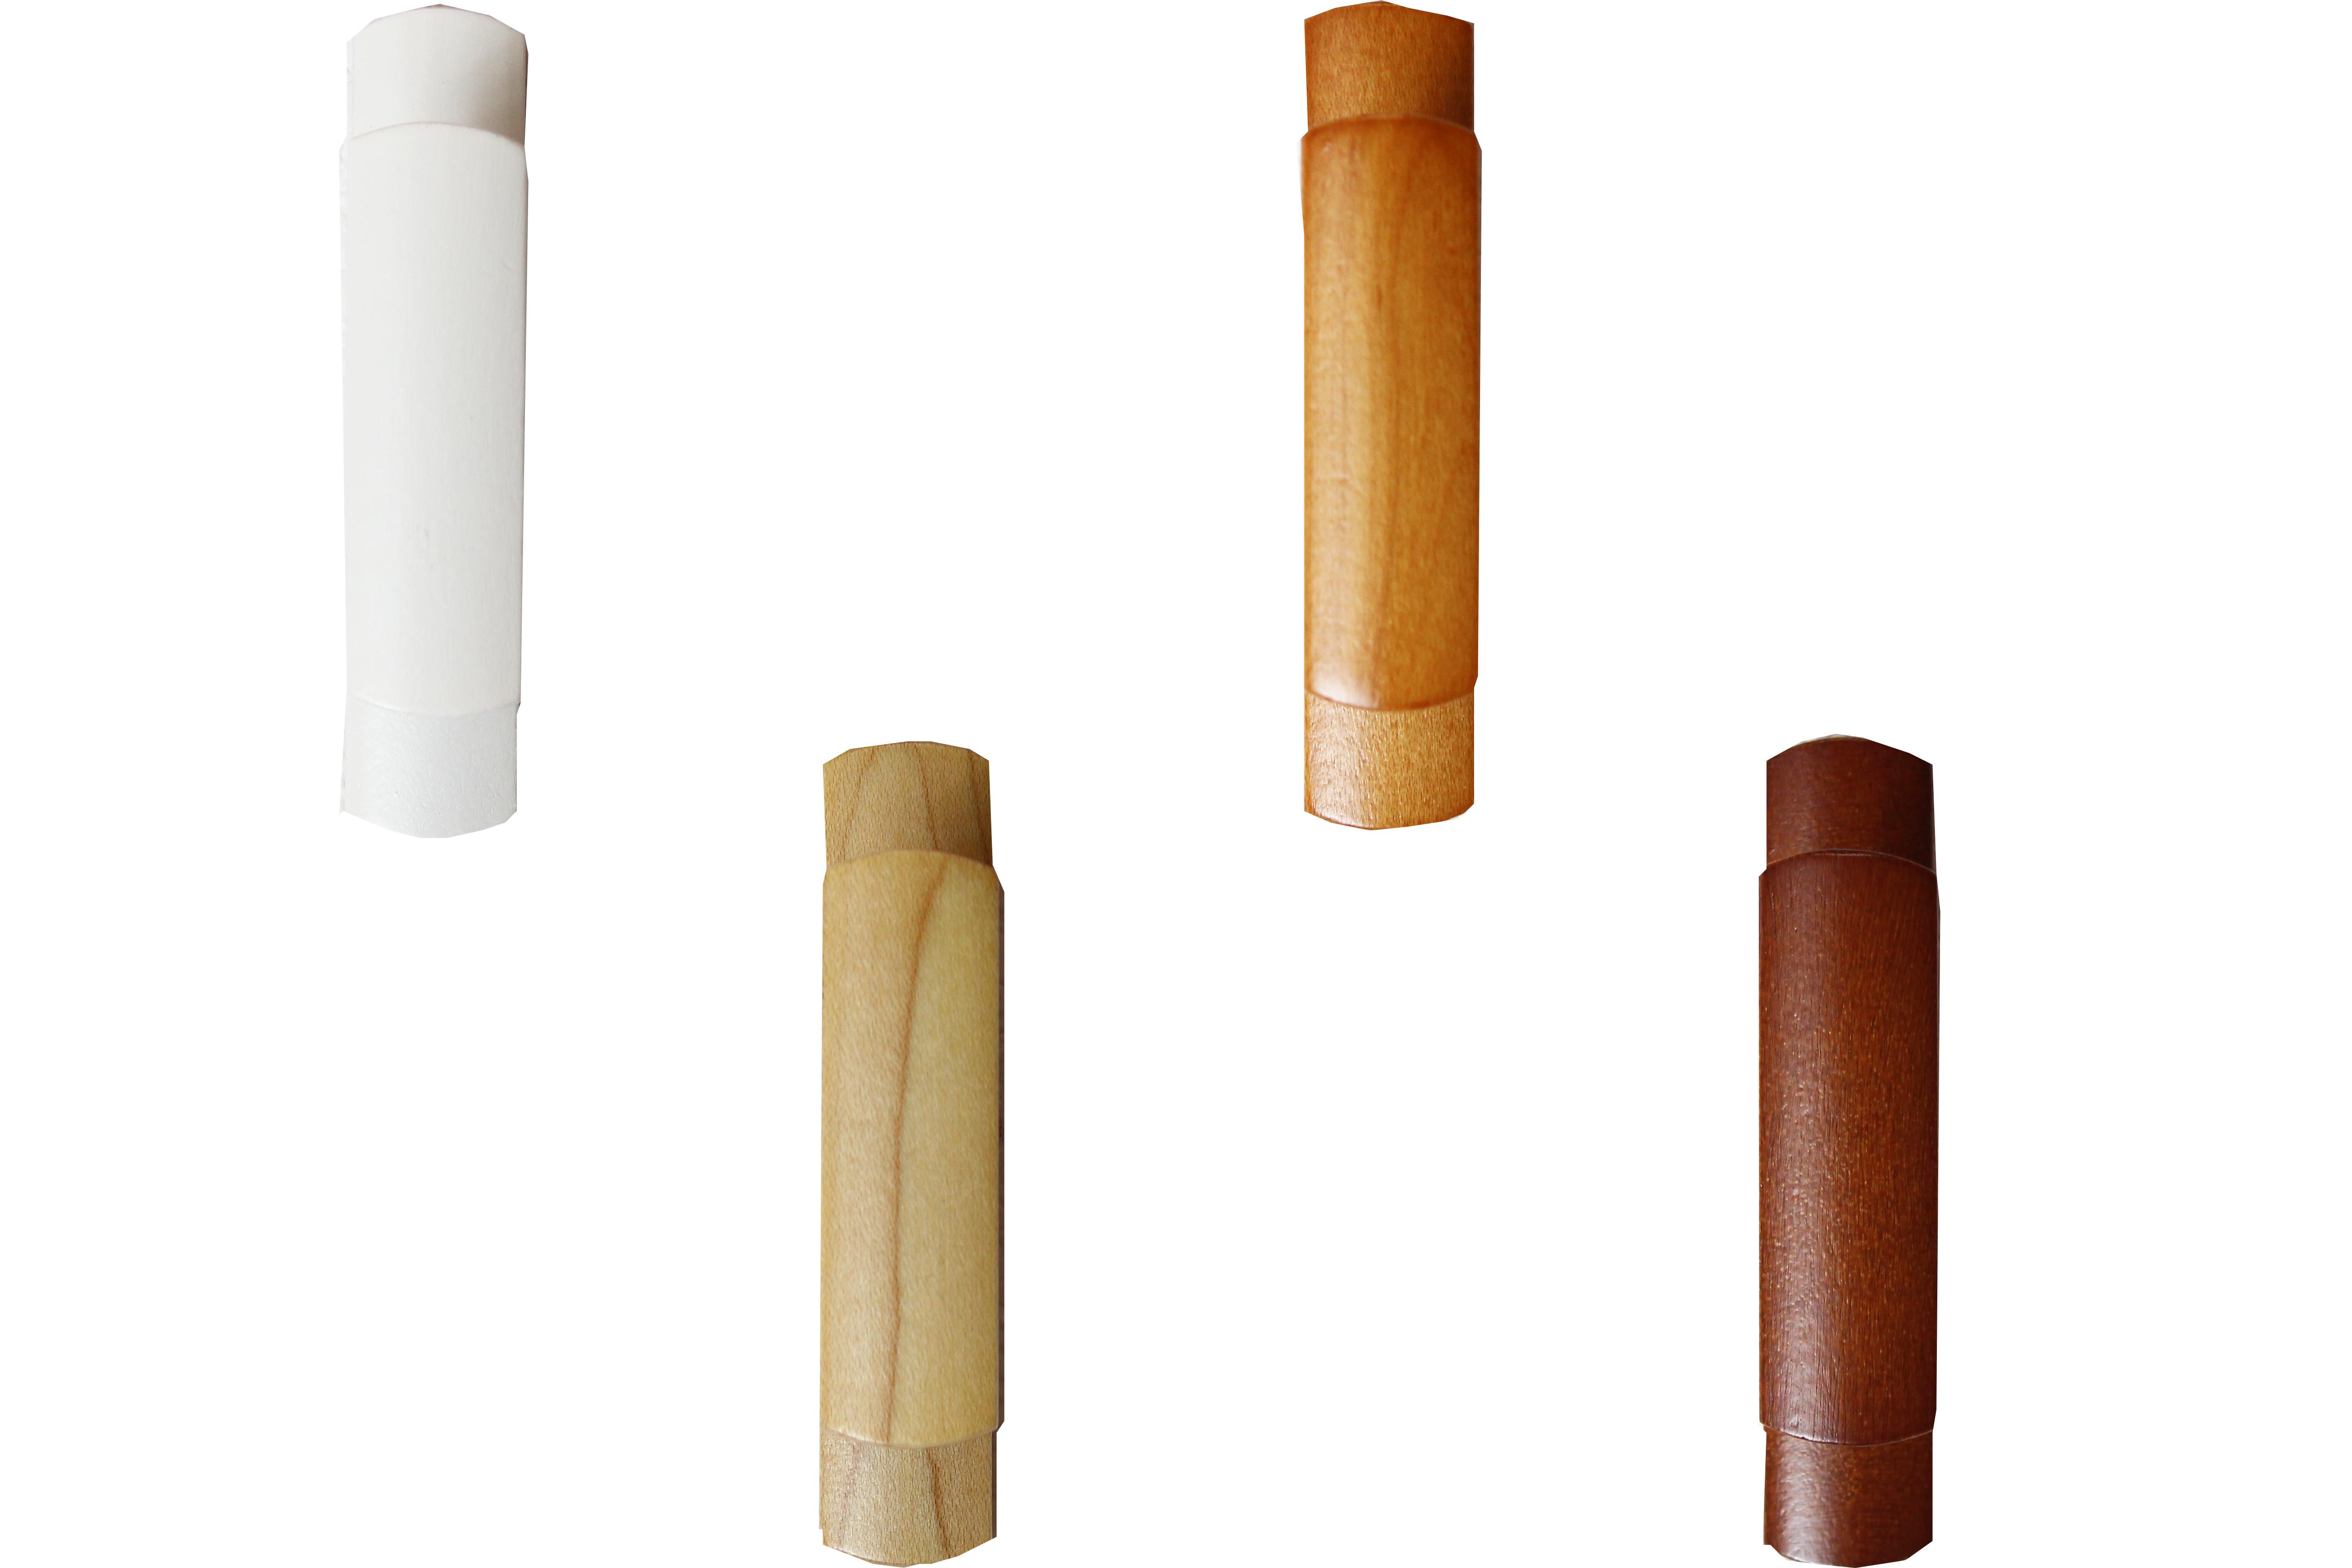 【カーテン房掛け(カーテン留)】木製房掛け(1個)(シール式)(全4色)(単品10個までメール便対応)